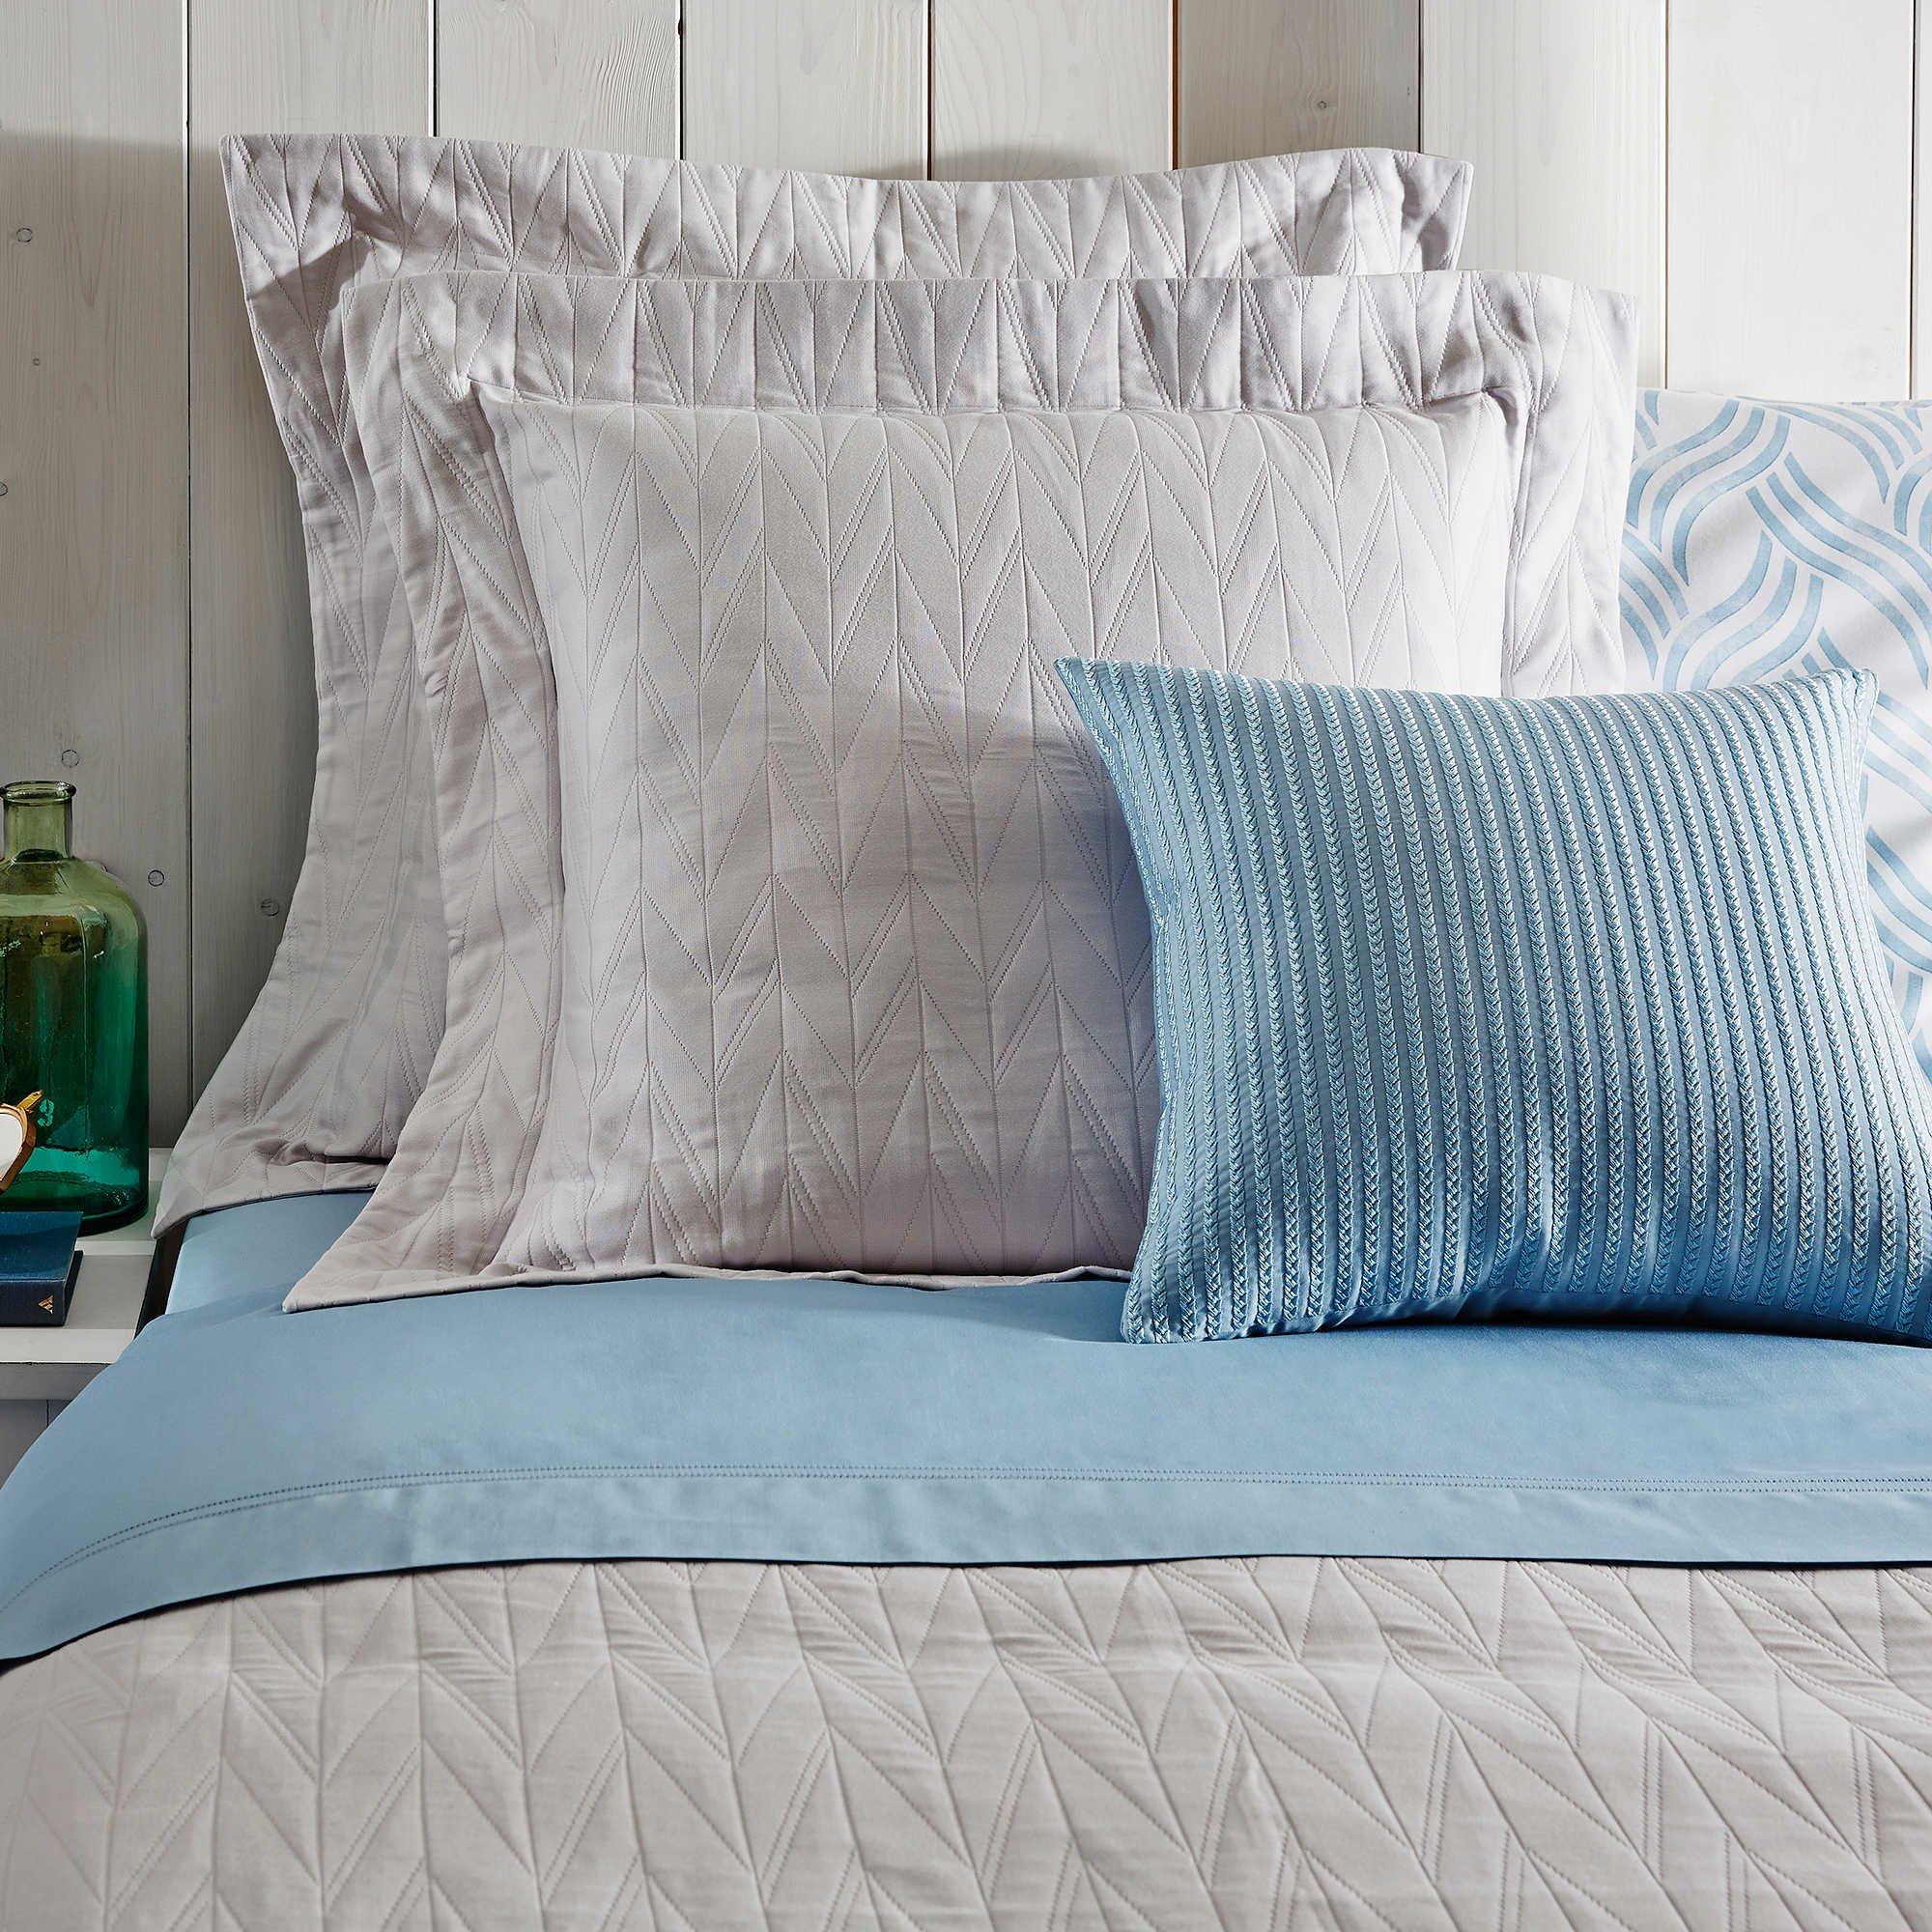 Frette At Home Porto Venere Fashion Standard Pillow Sham in Pearl Grey